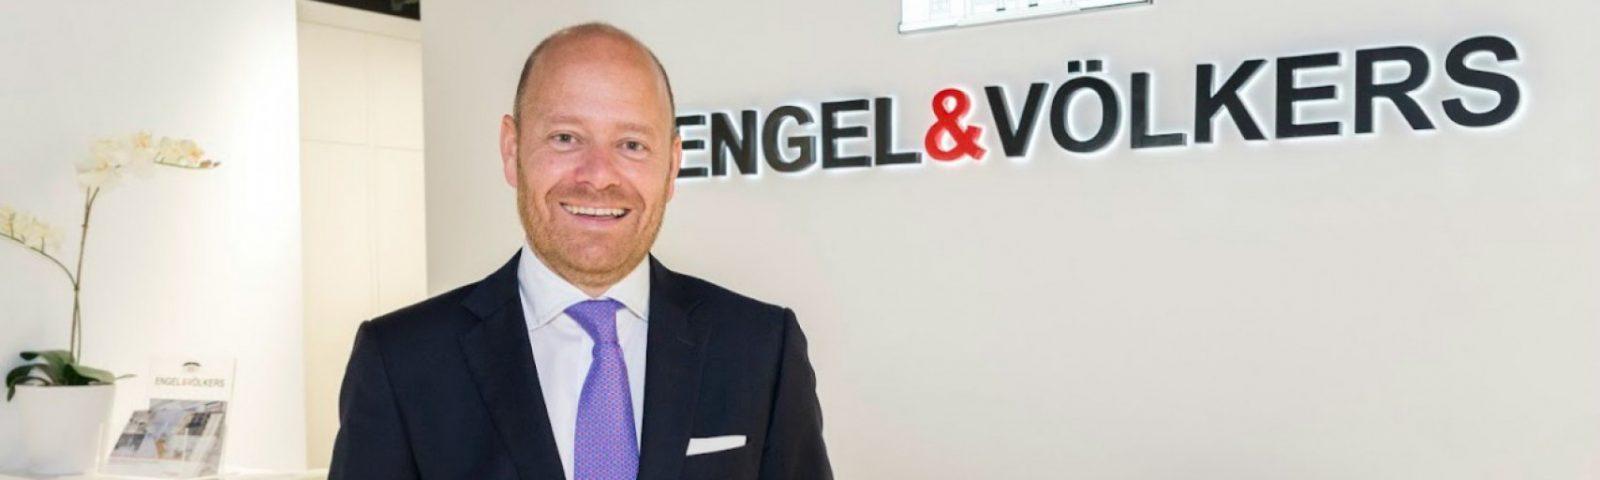 Engel & Völkers está à procura de 100 consultores imobiliários para Lisboa